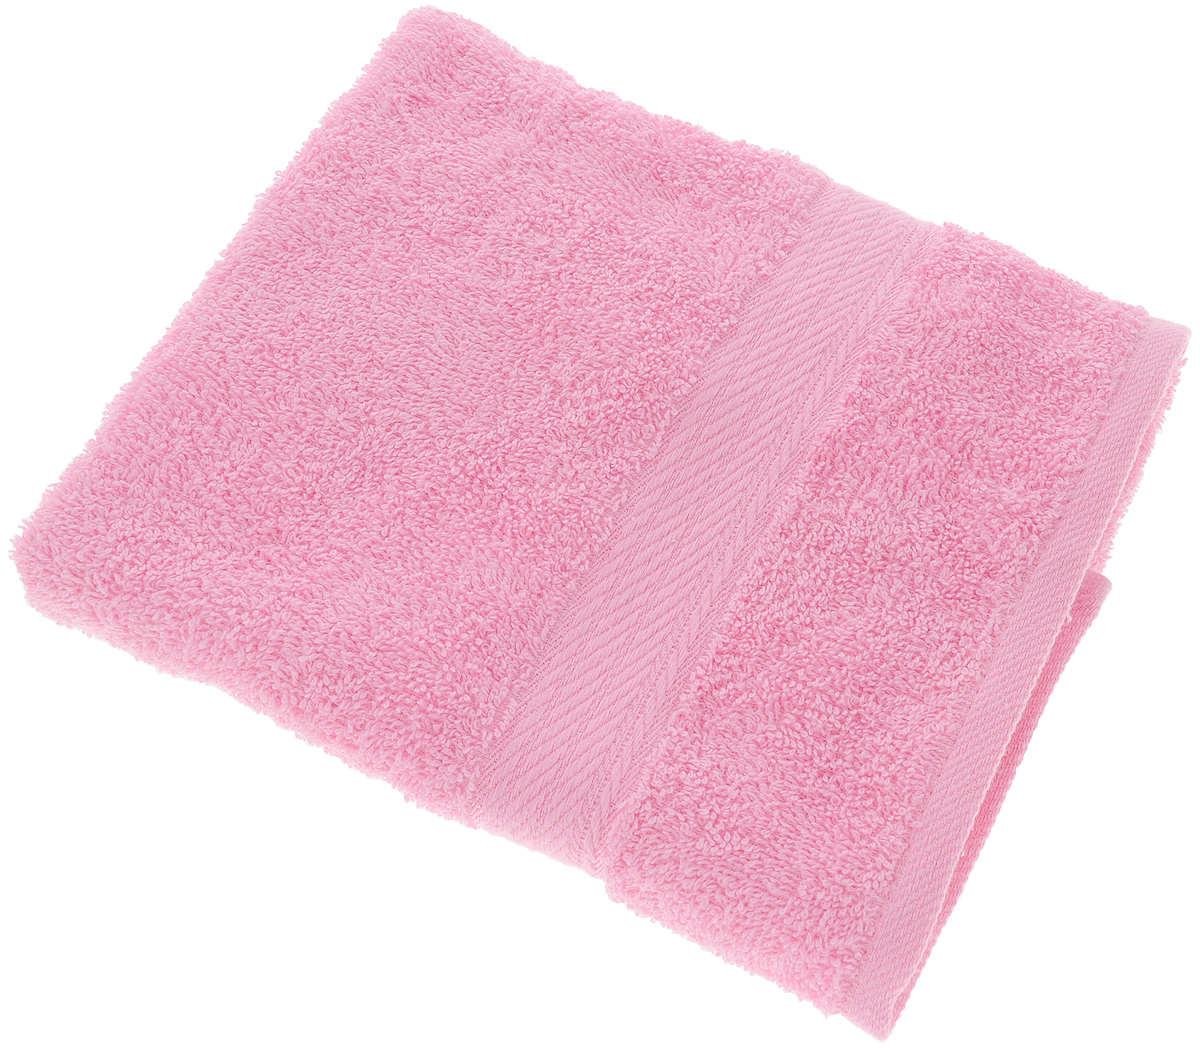 Махровые полотенца AISHA Home Textile идеальное сочетание цены и качества. Полотенца упакованы в стильную подарочную коробку. В состав входит только натуральное волокно - хлопок. Лаконичные бордюры подойдут для любого интерьера ванной комнаты. Полотенца прекрасно впитывает влагу и быстро сохнут. При соблюдении рекомендаций по уходу не линяют и не теряют форму даже после многократных стирок. Состав: 100% хлопок.